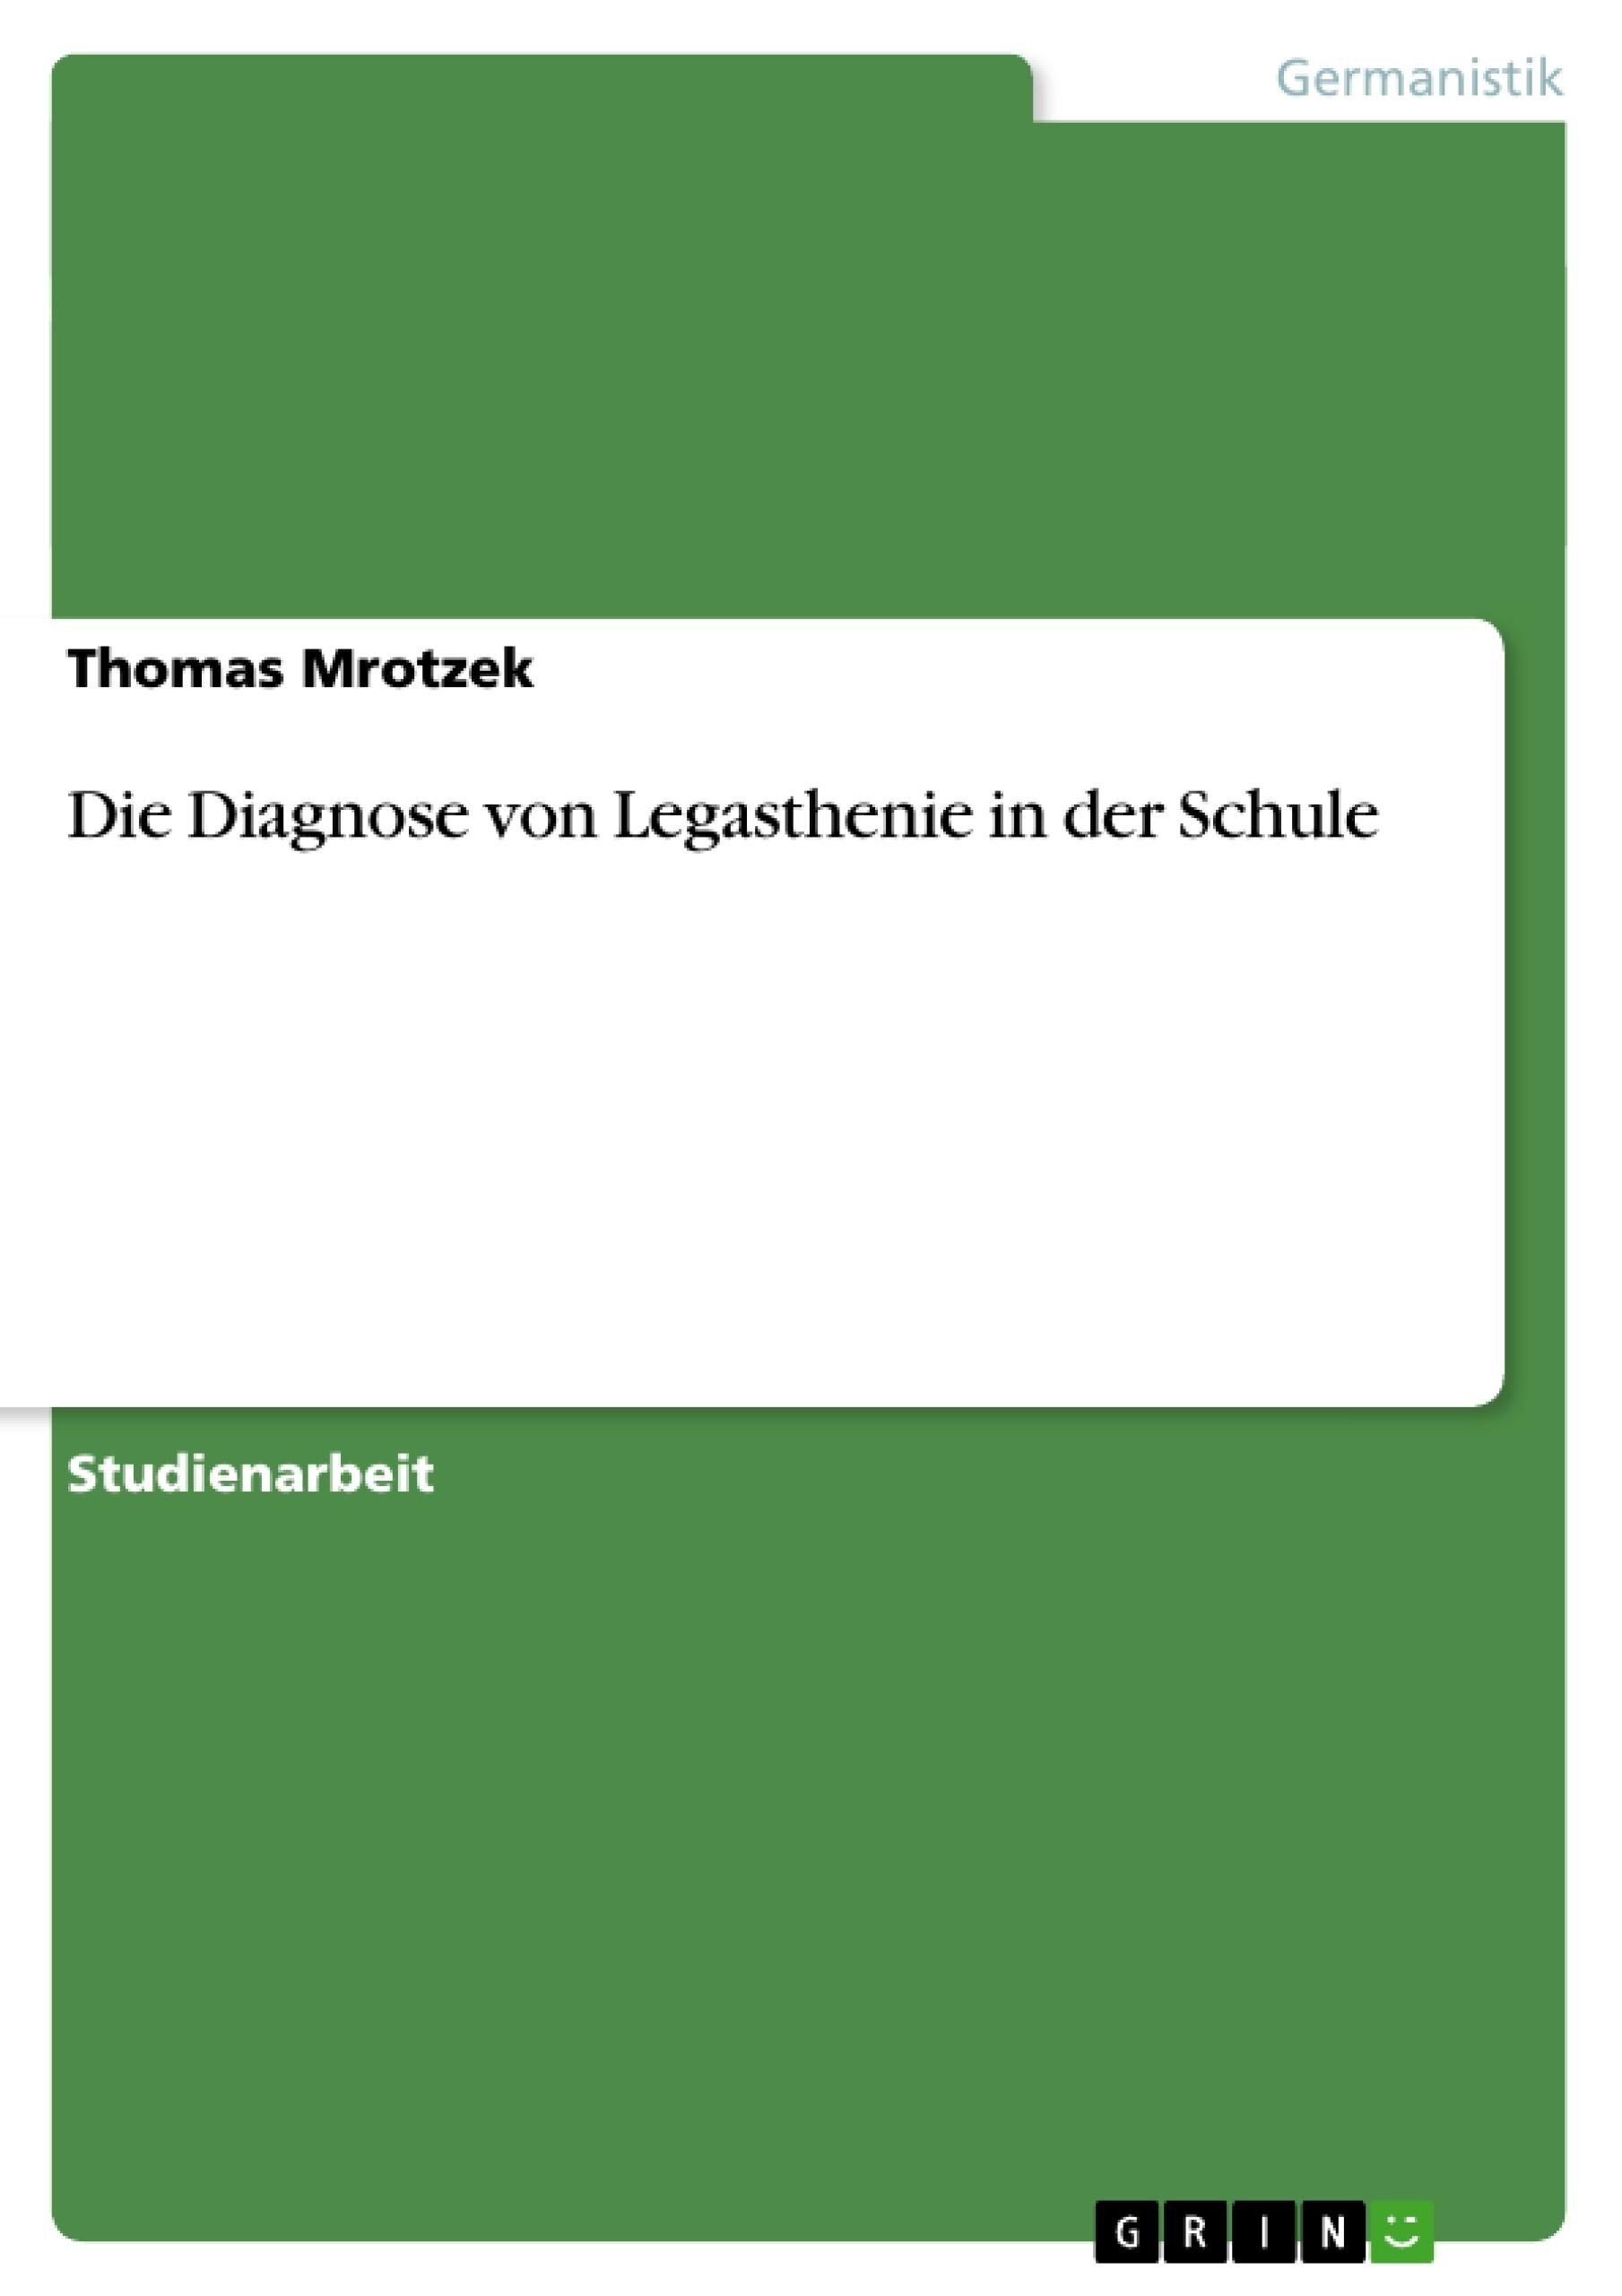 Titel: Die Diagnose von Legasthenie in der Schule